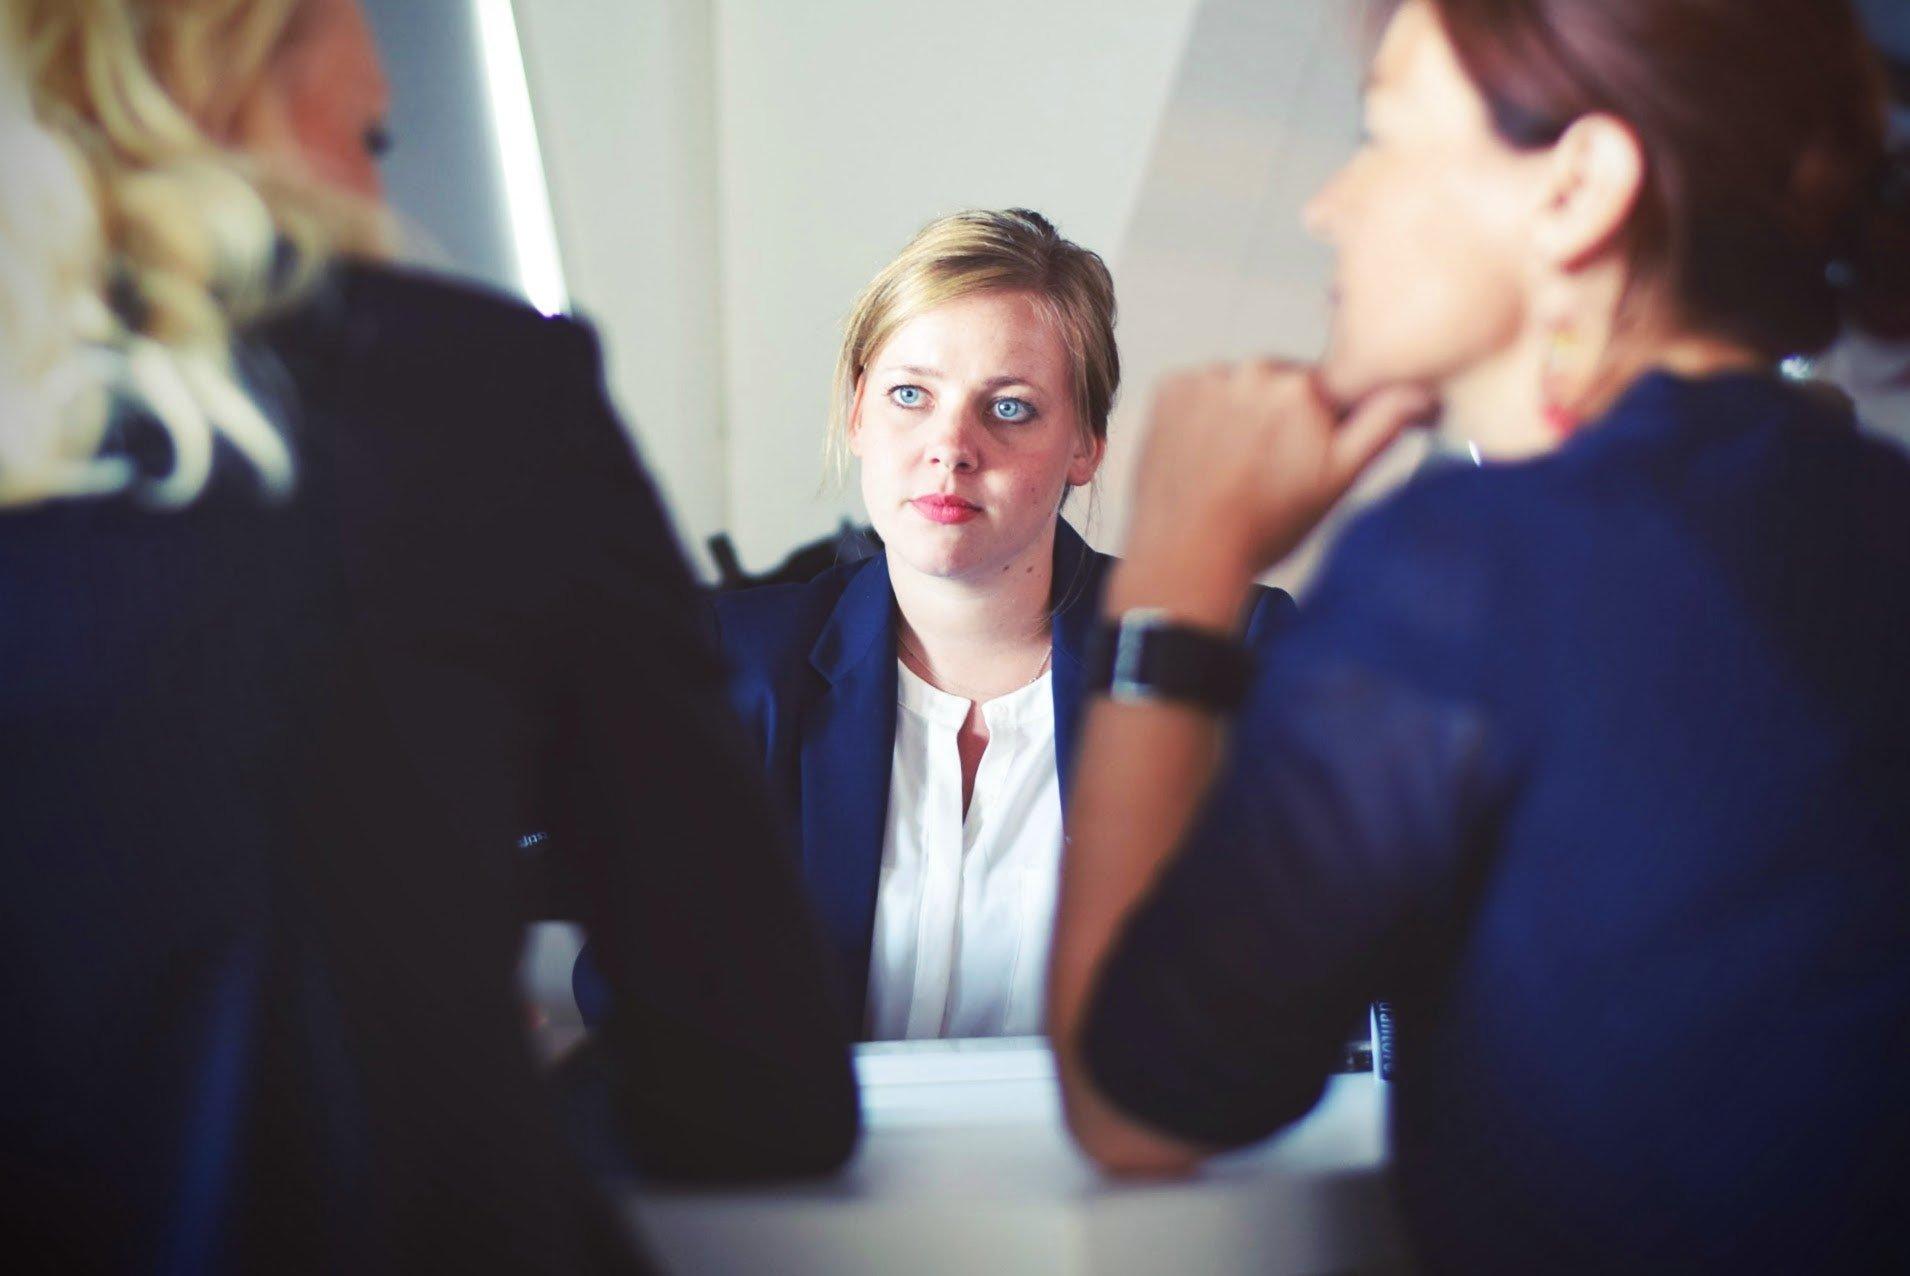 vårdnadsutredning, Vilken betydelse har en vårdnadsutredning i vårdnadstvister?, Rättsakuten